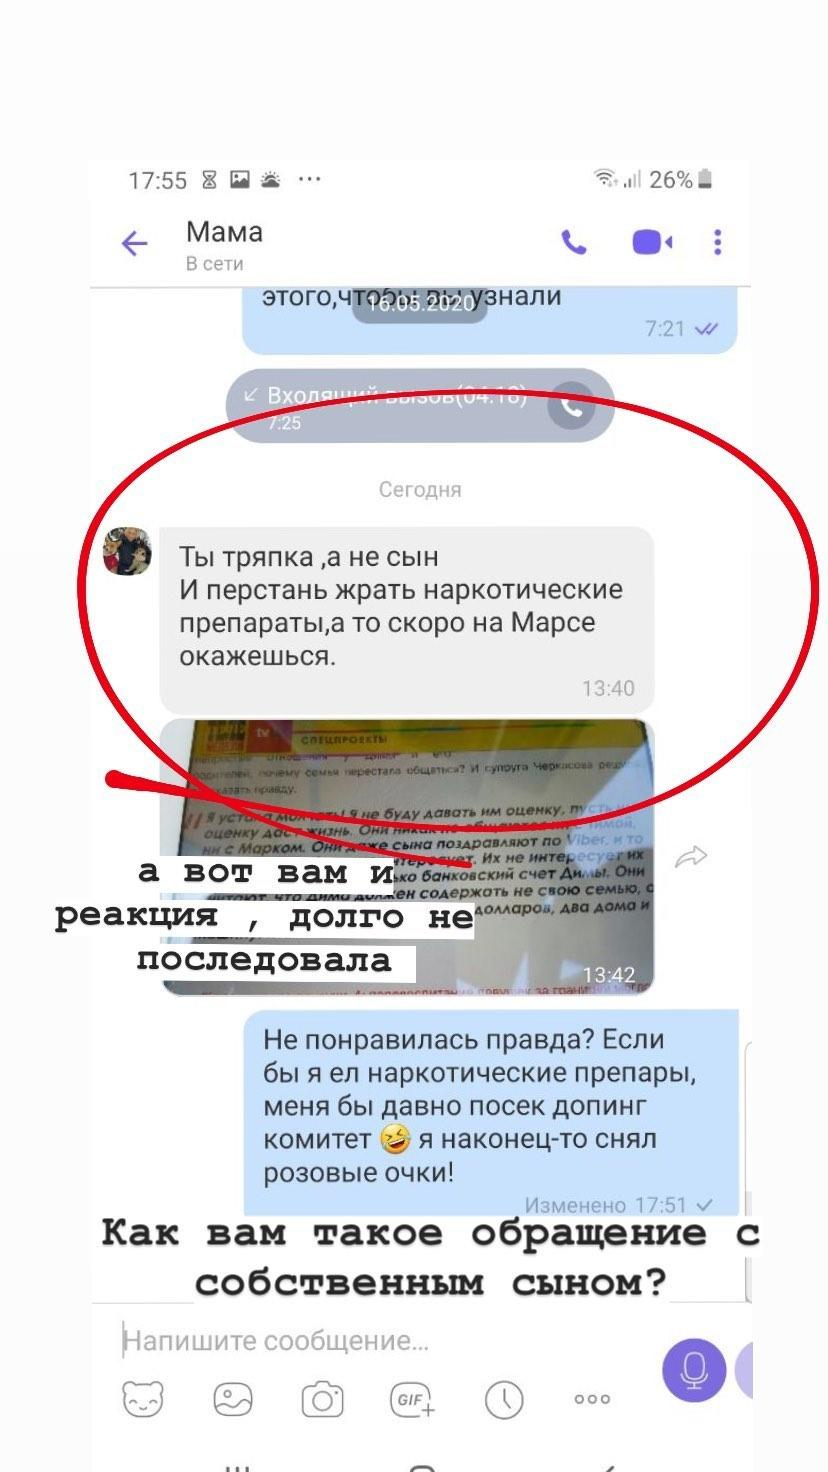 Мама Димы обвинила его / Скриншот Instagram